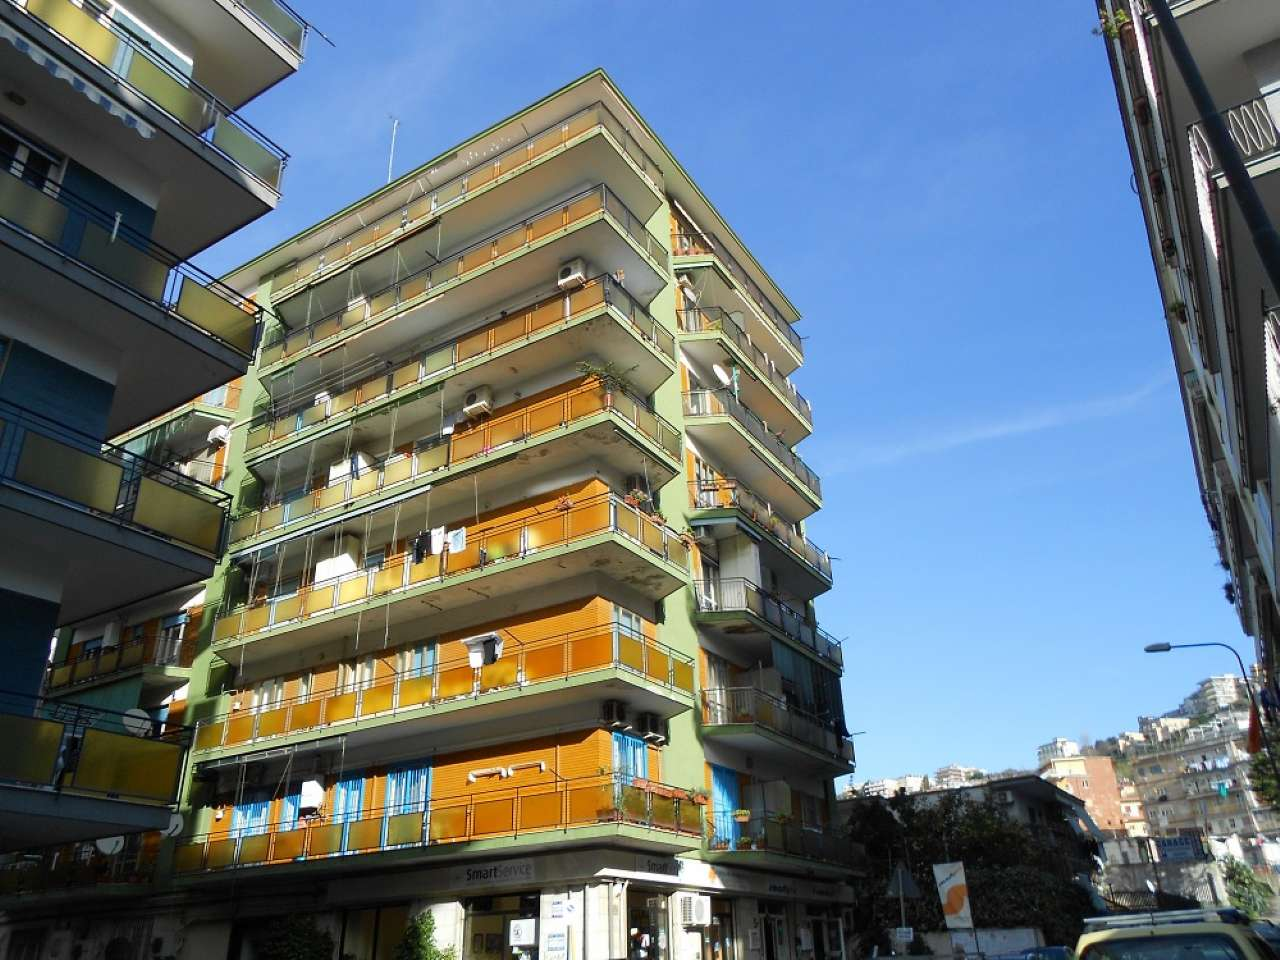 Appartamento in vendita 3 vani 110 mq.  via Caravglios  51 Napoli